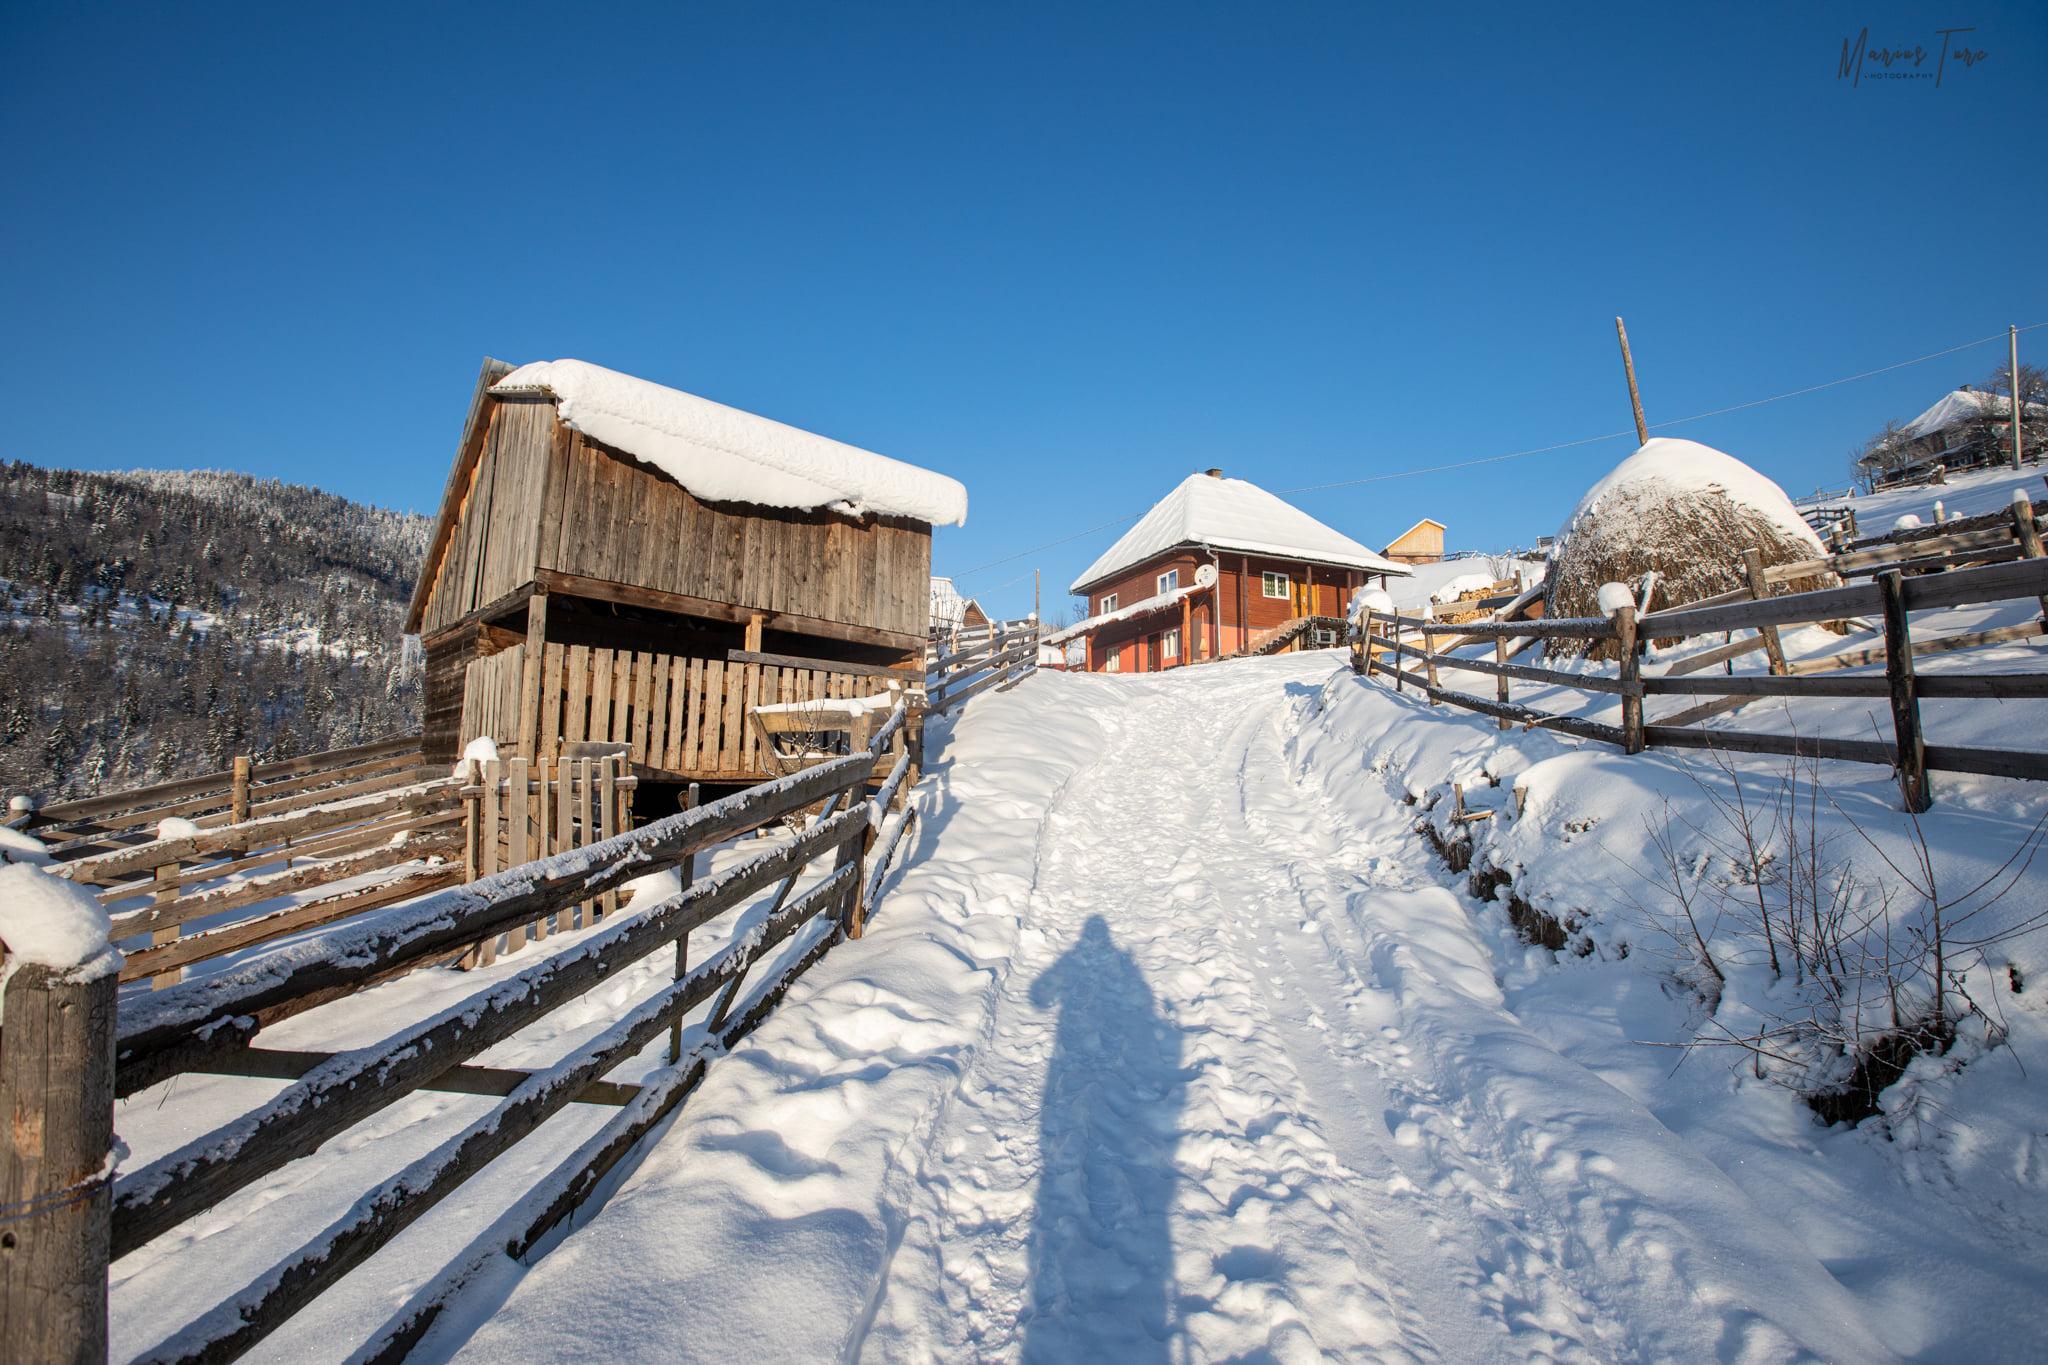 Continuam urcarea printre case- Marius Turc